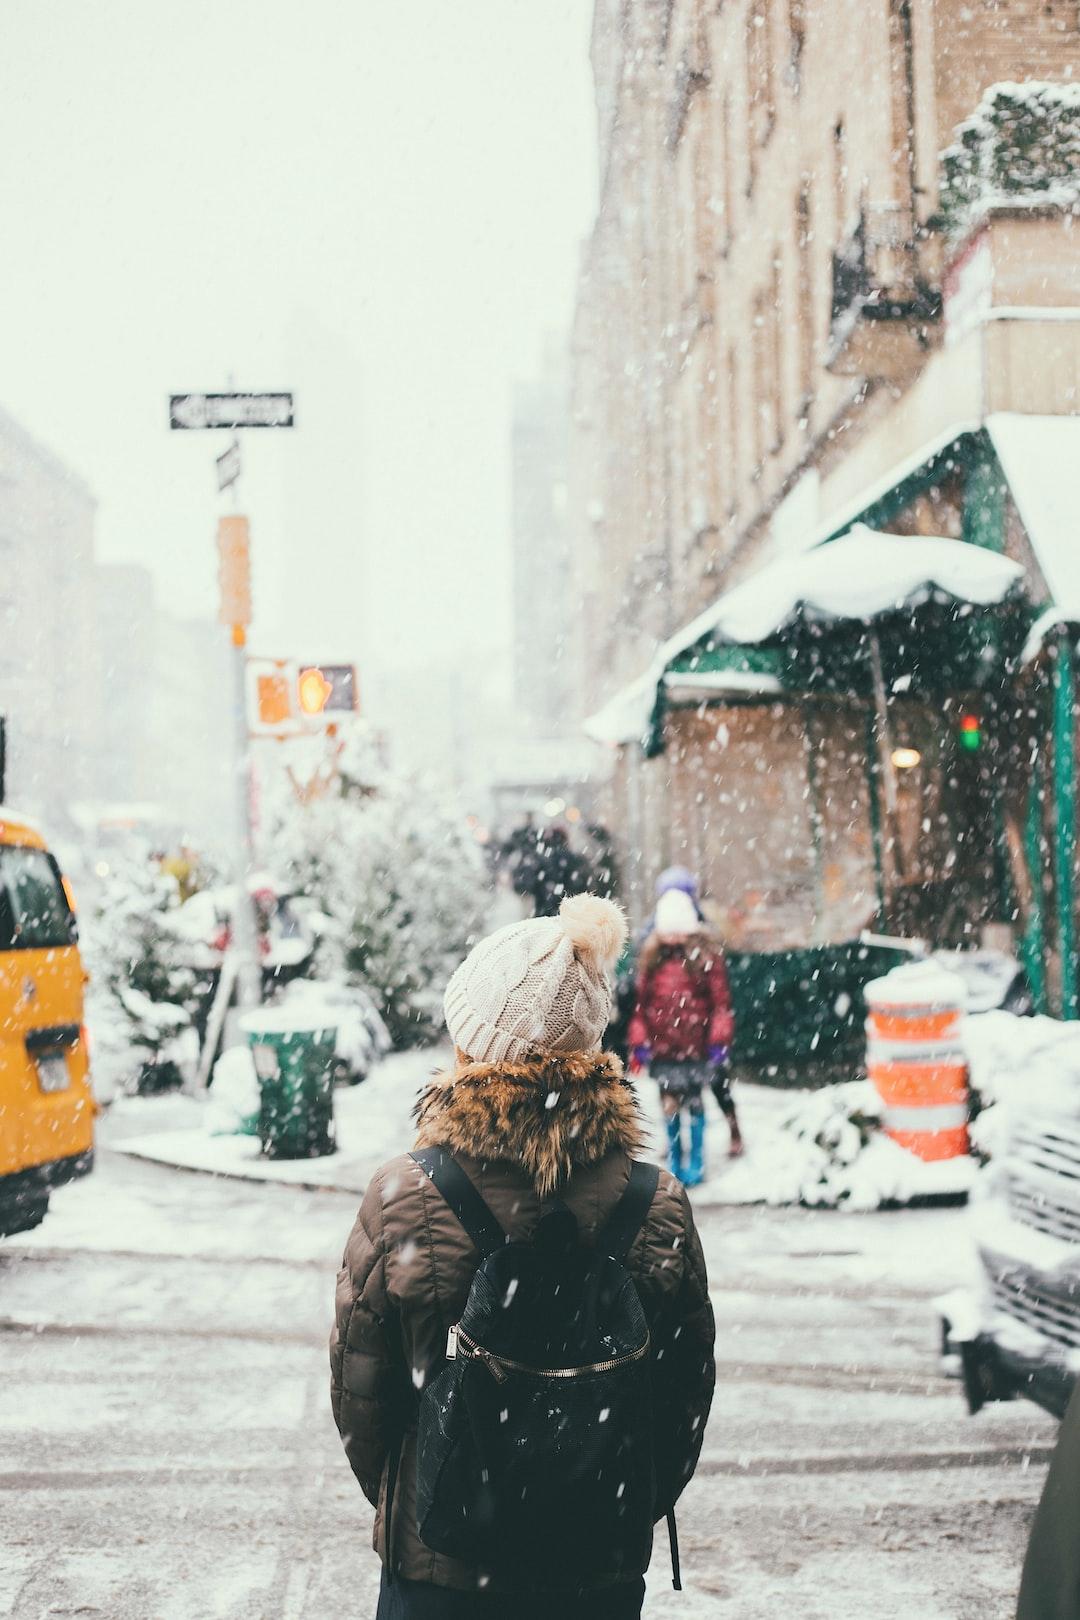 Dežniki v snegu